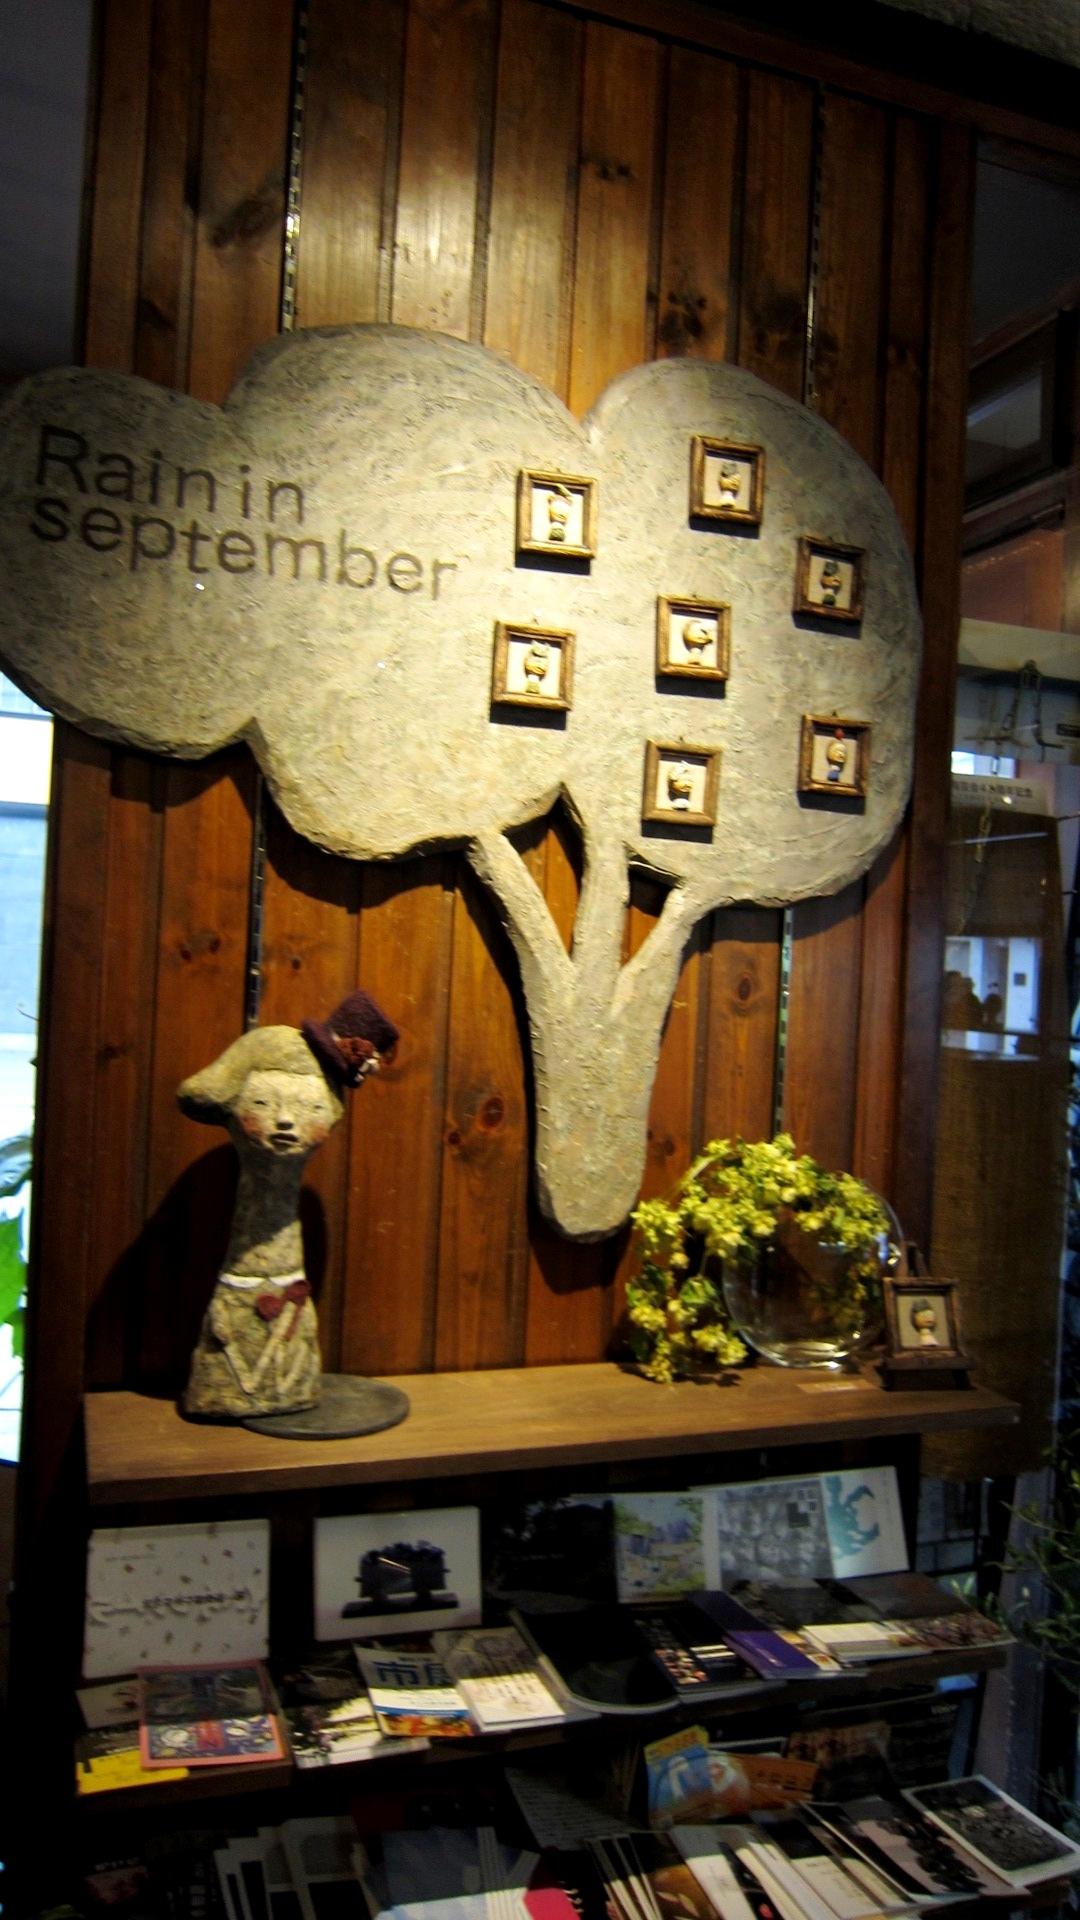 2207)「経塚真代 KEIZUKA MASAYO 造形作品展 『ちいさくて見えない星』」エスキス 9月5日(木)~10月1日(火)_f0126829_11271043.jpg